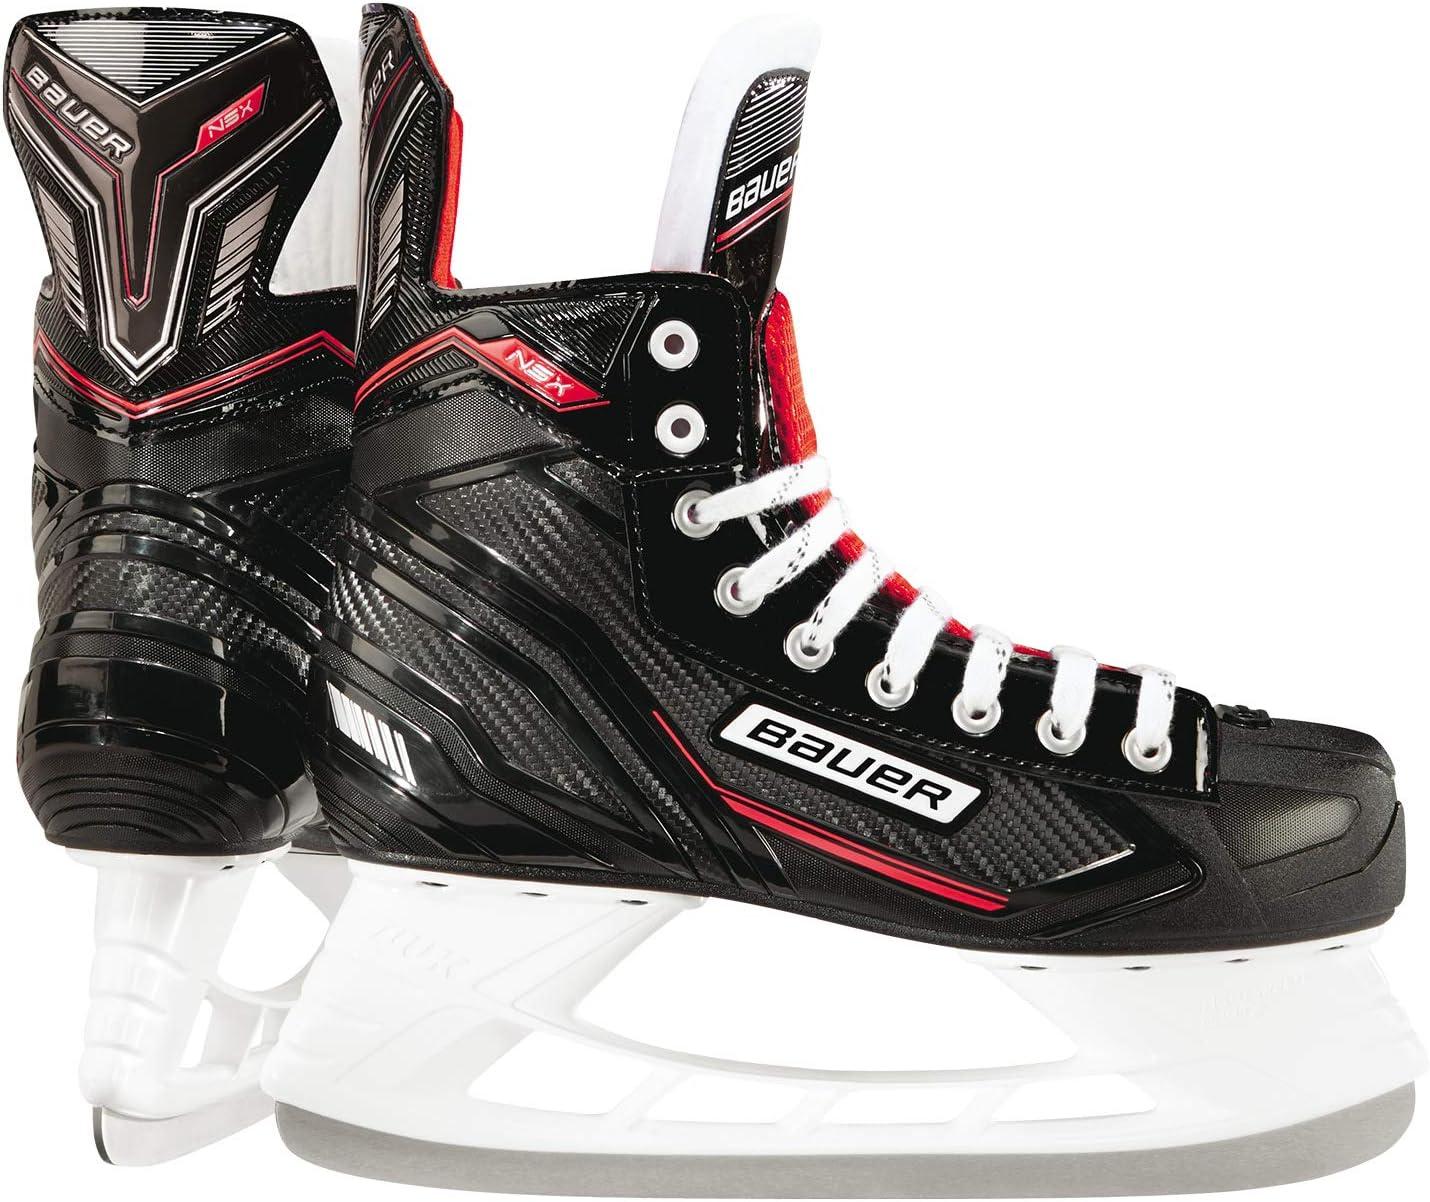 BAUER Herren Eishockey Schlittschuhe NSX Senior I 7 Gr/ö/ßen I ideal f/ür Freizeitspieler I Edelstahlkufen I komfortables Laufen I leichtes Anziehen